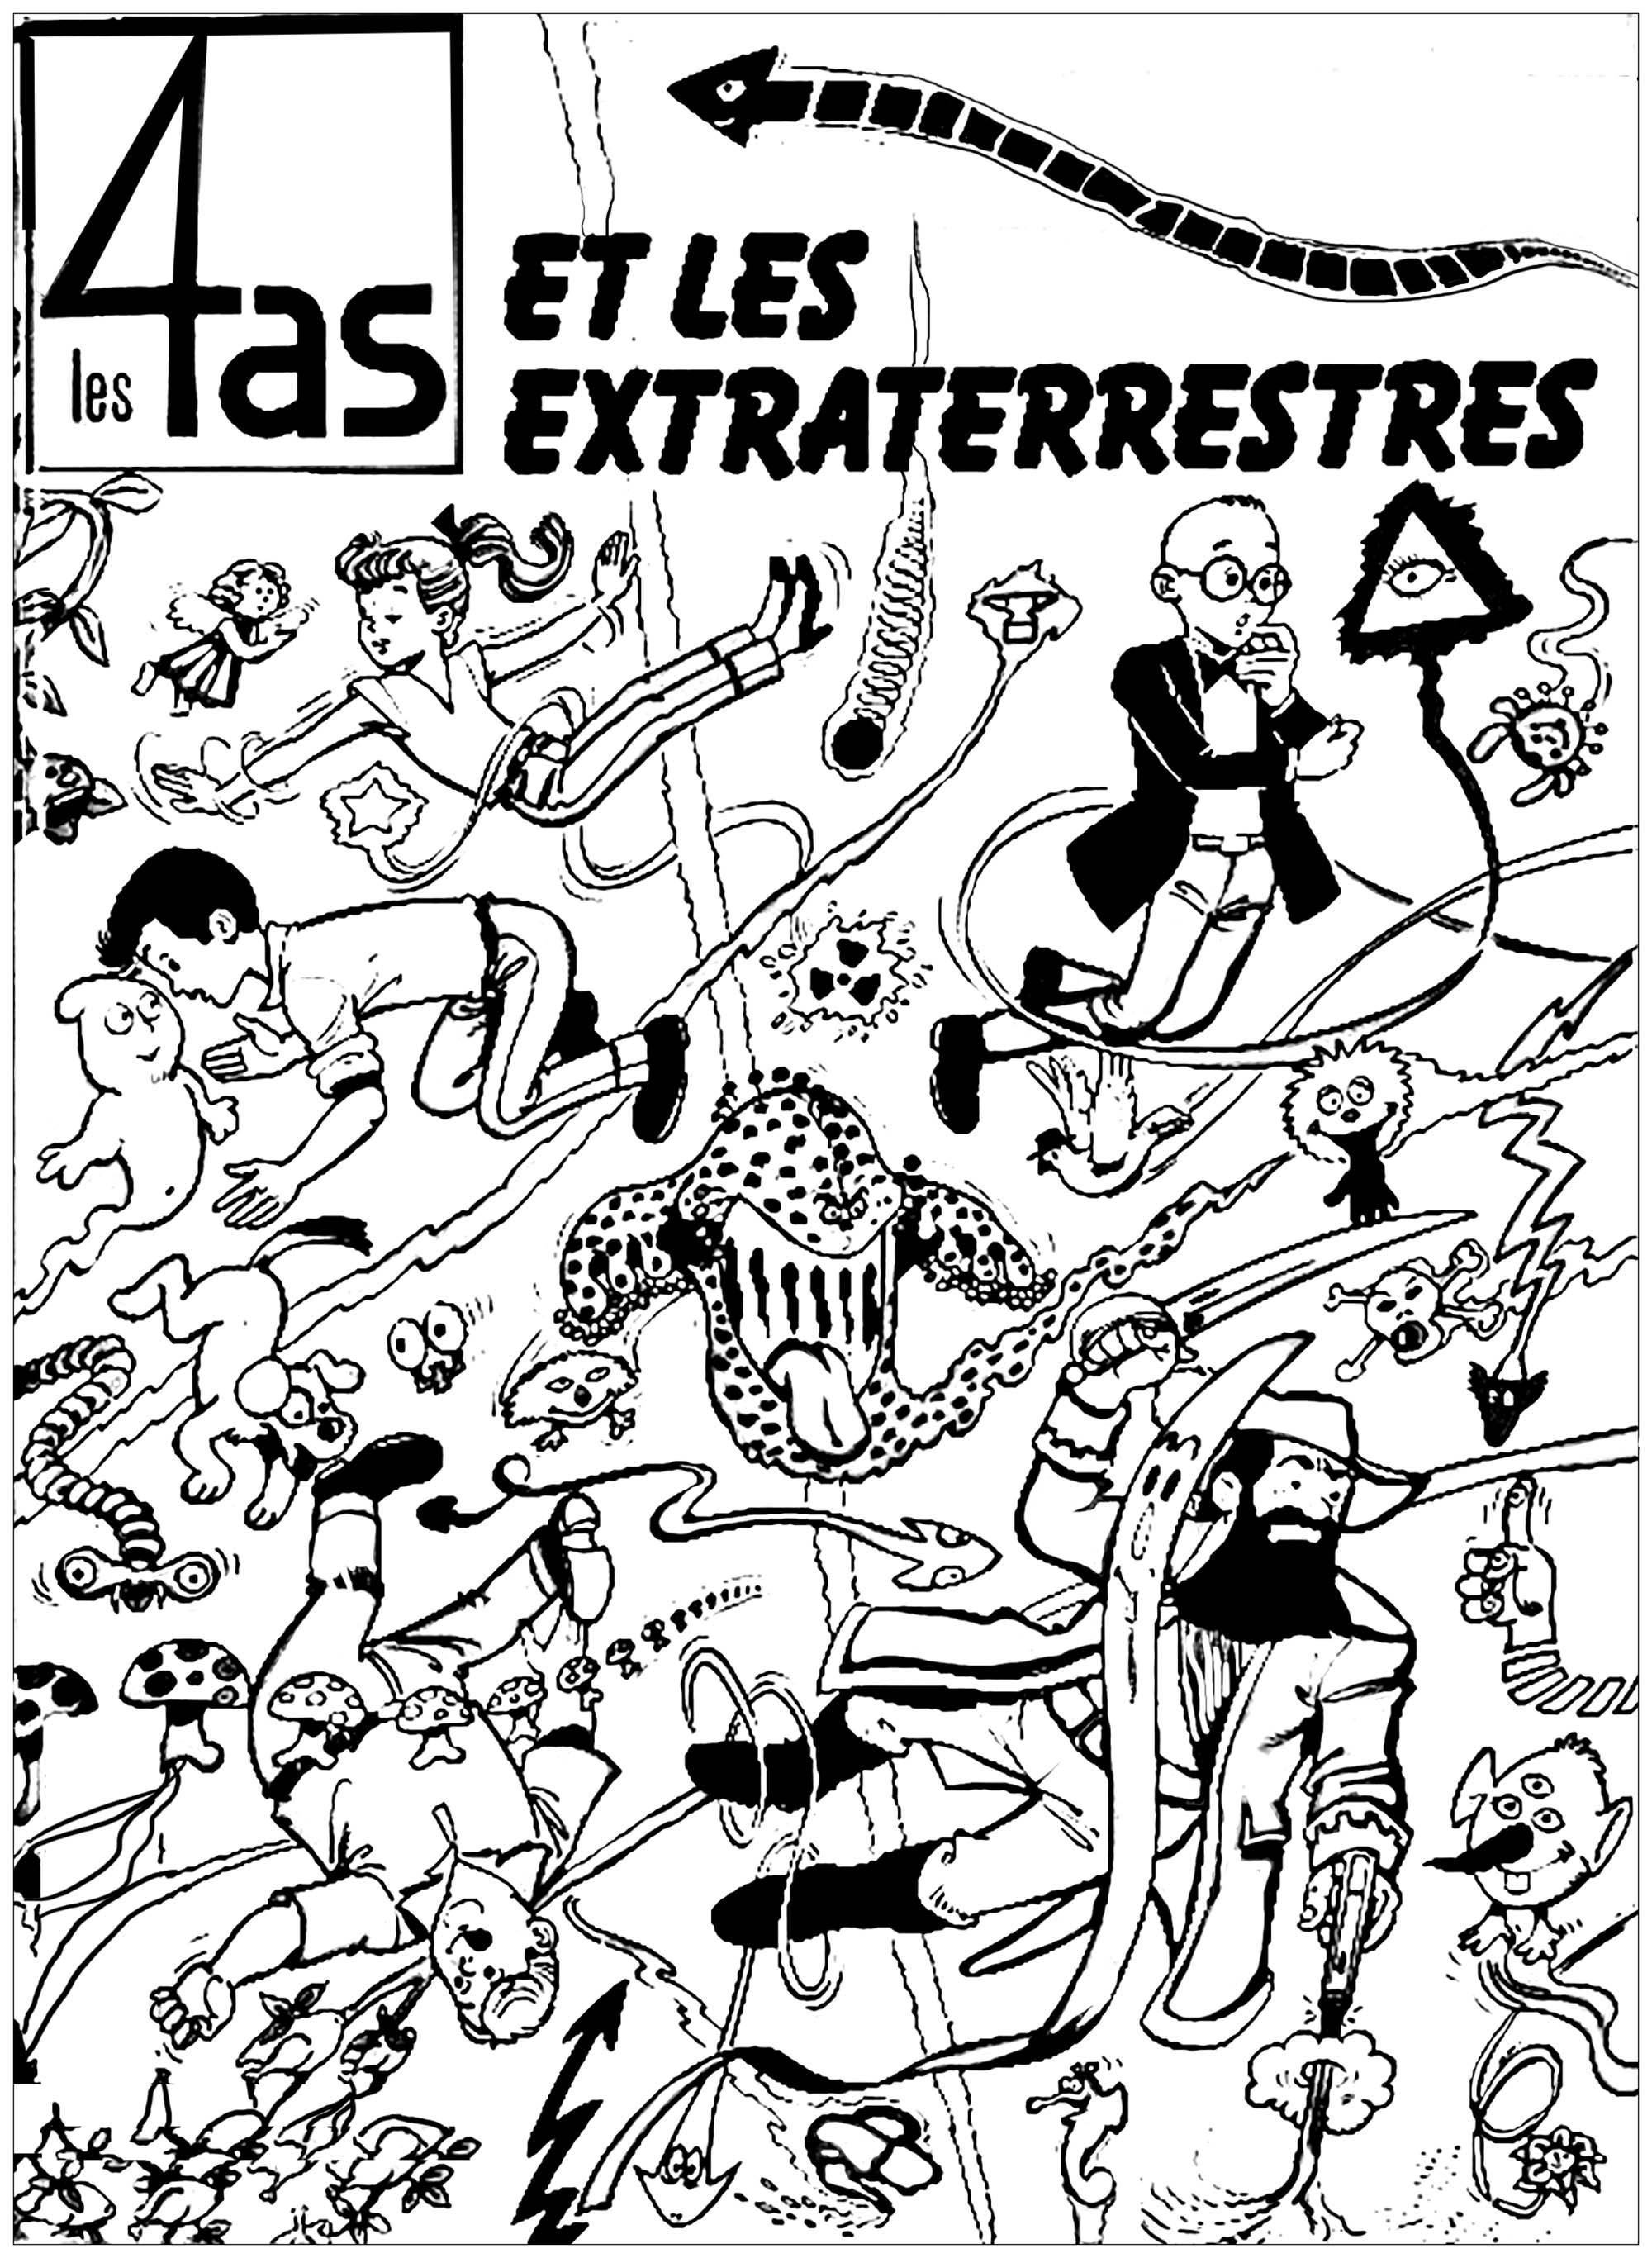 Disegni da colorare per adulti : Libri e fumetti - 54